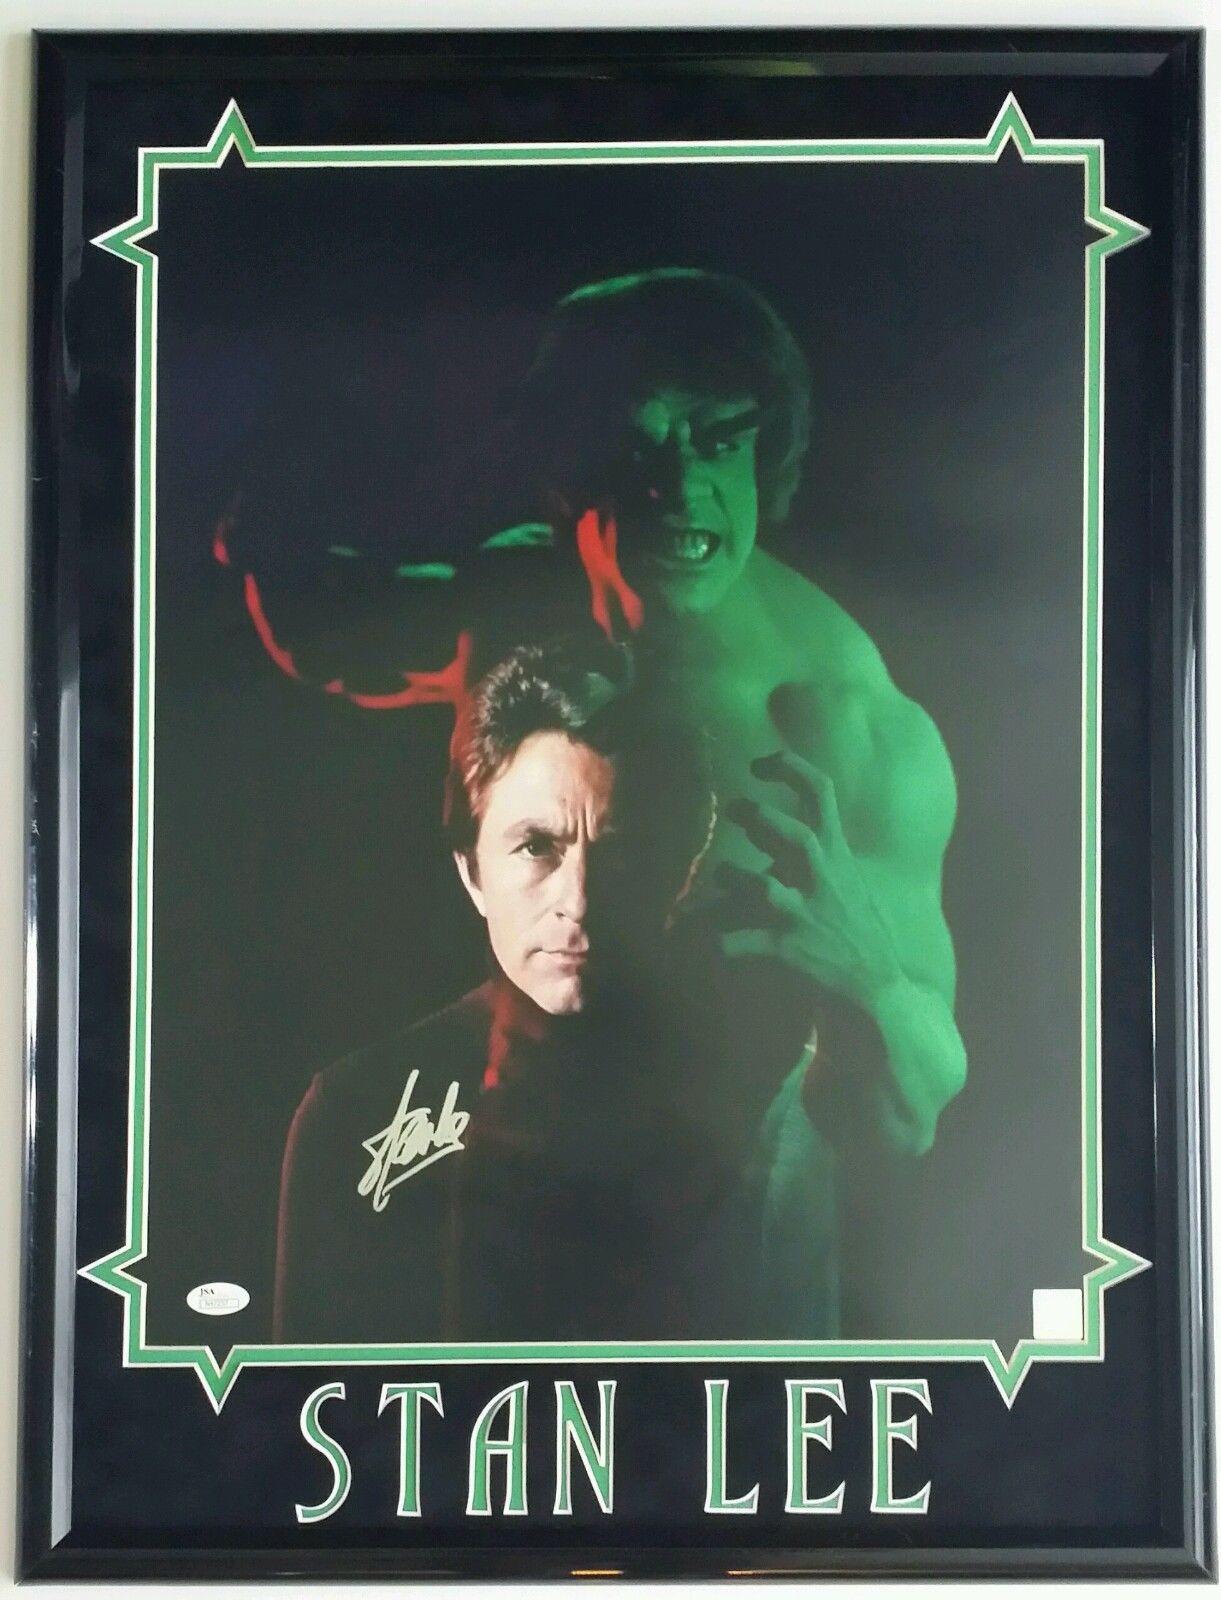 Stan Lee Autographed Signed 16x20 Framed 18x24 The Hulk JSA